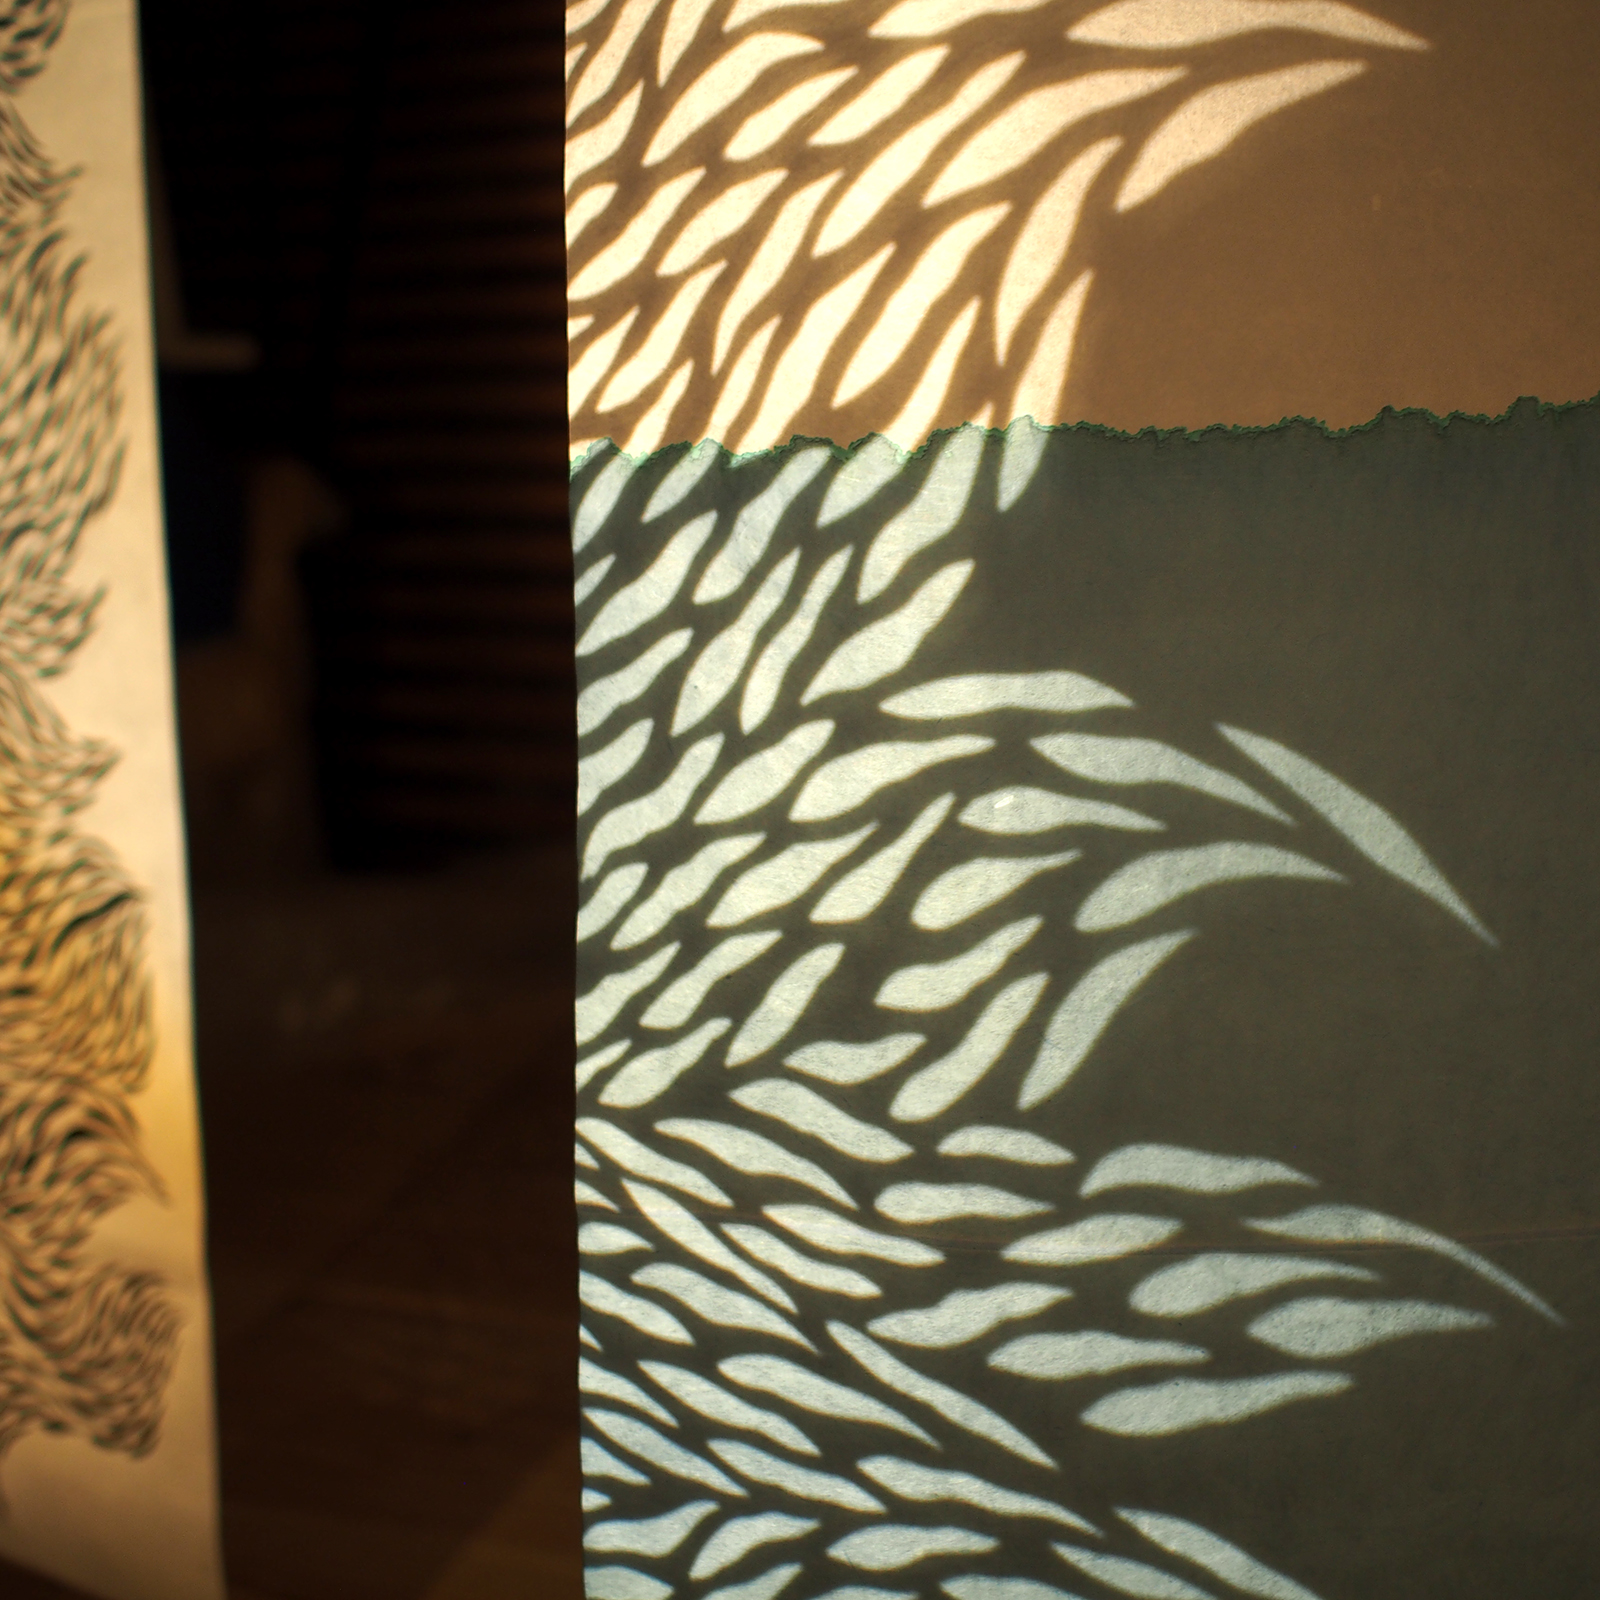 motif organique en lumière projeté sur papier washi teint en bleu